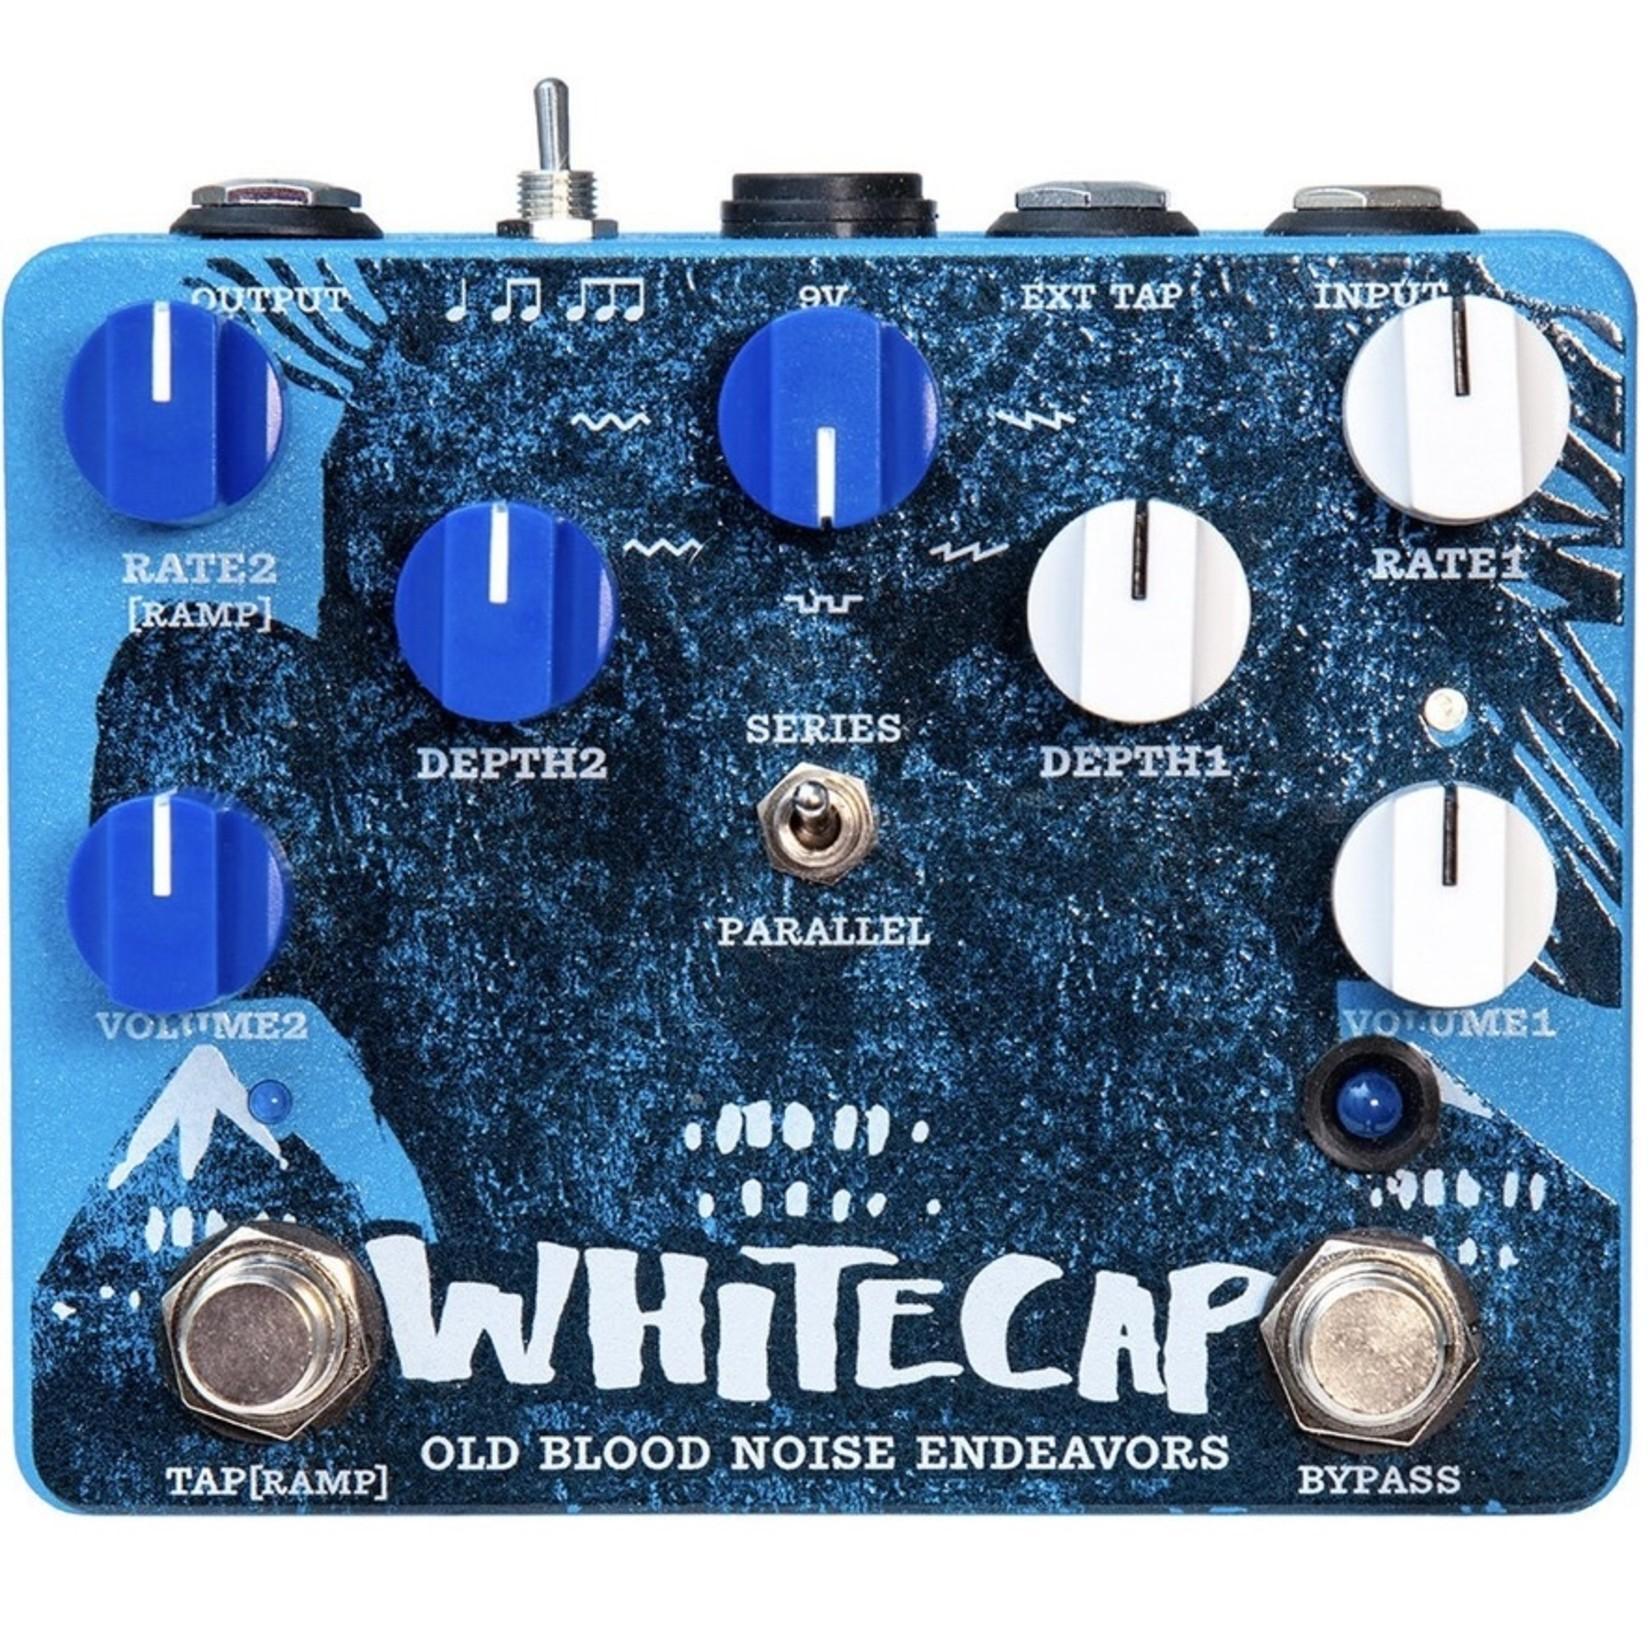 Old Blood Noise Endeavors Old Bood Noise Endeavors Whitecap Asynchronous Tremolo